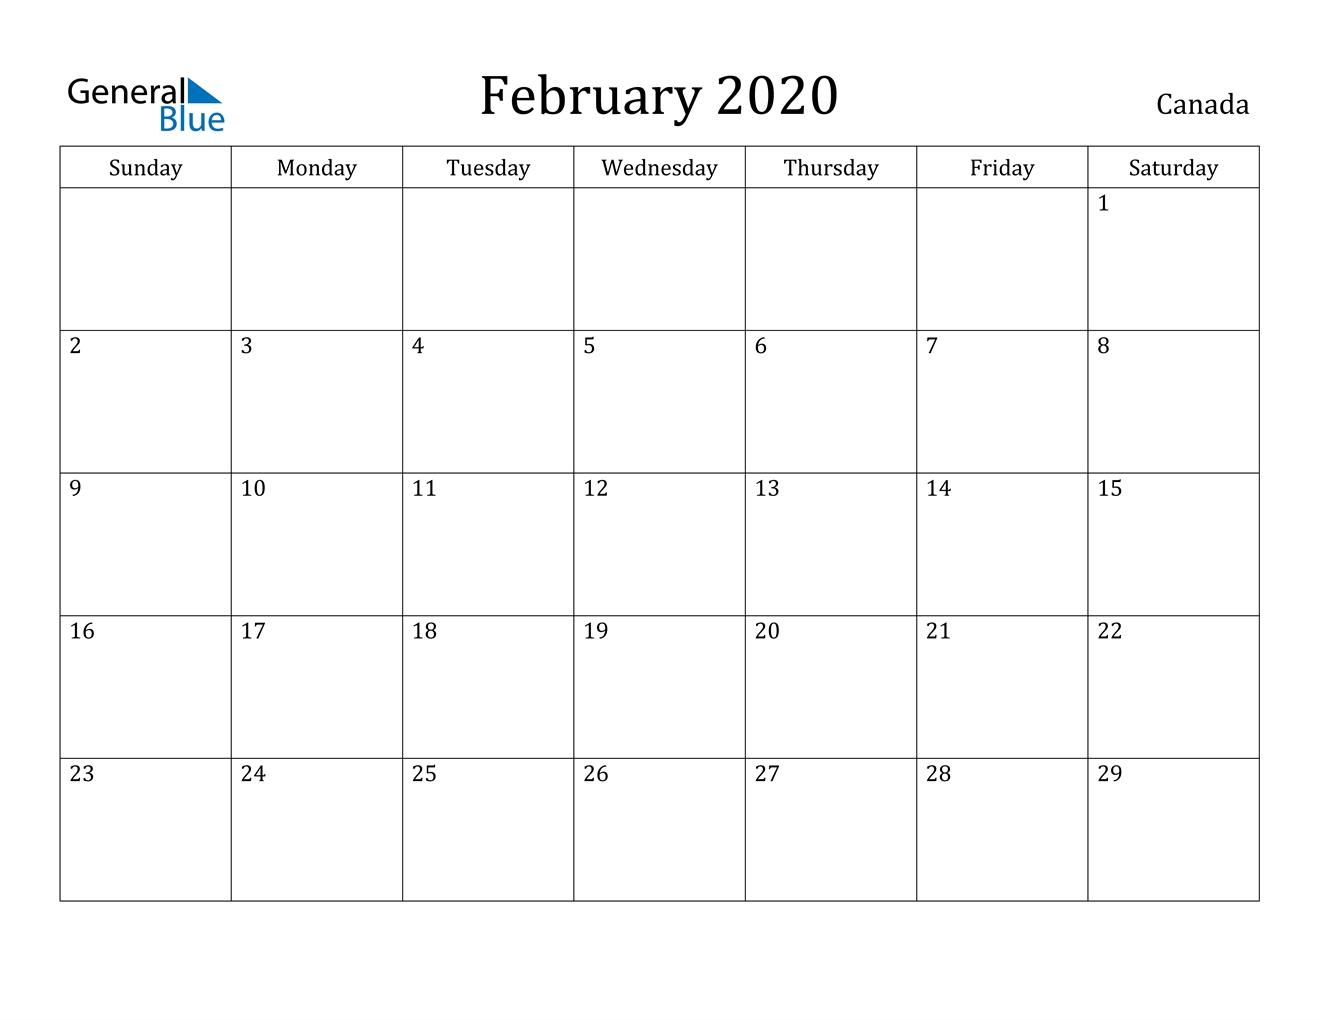 February 2020 Calendar - Canada  February 2020 Calendar Printable